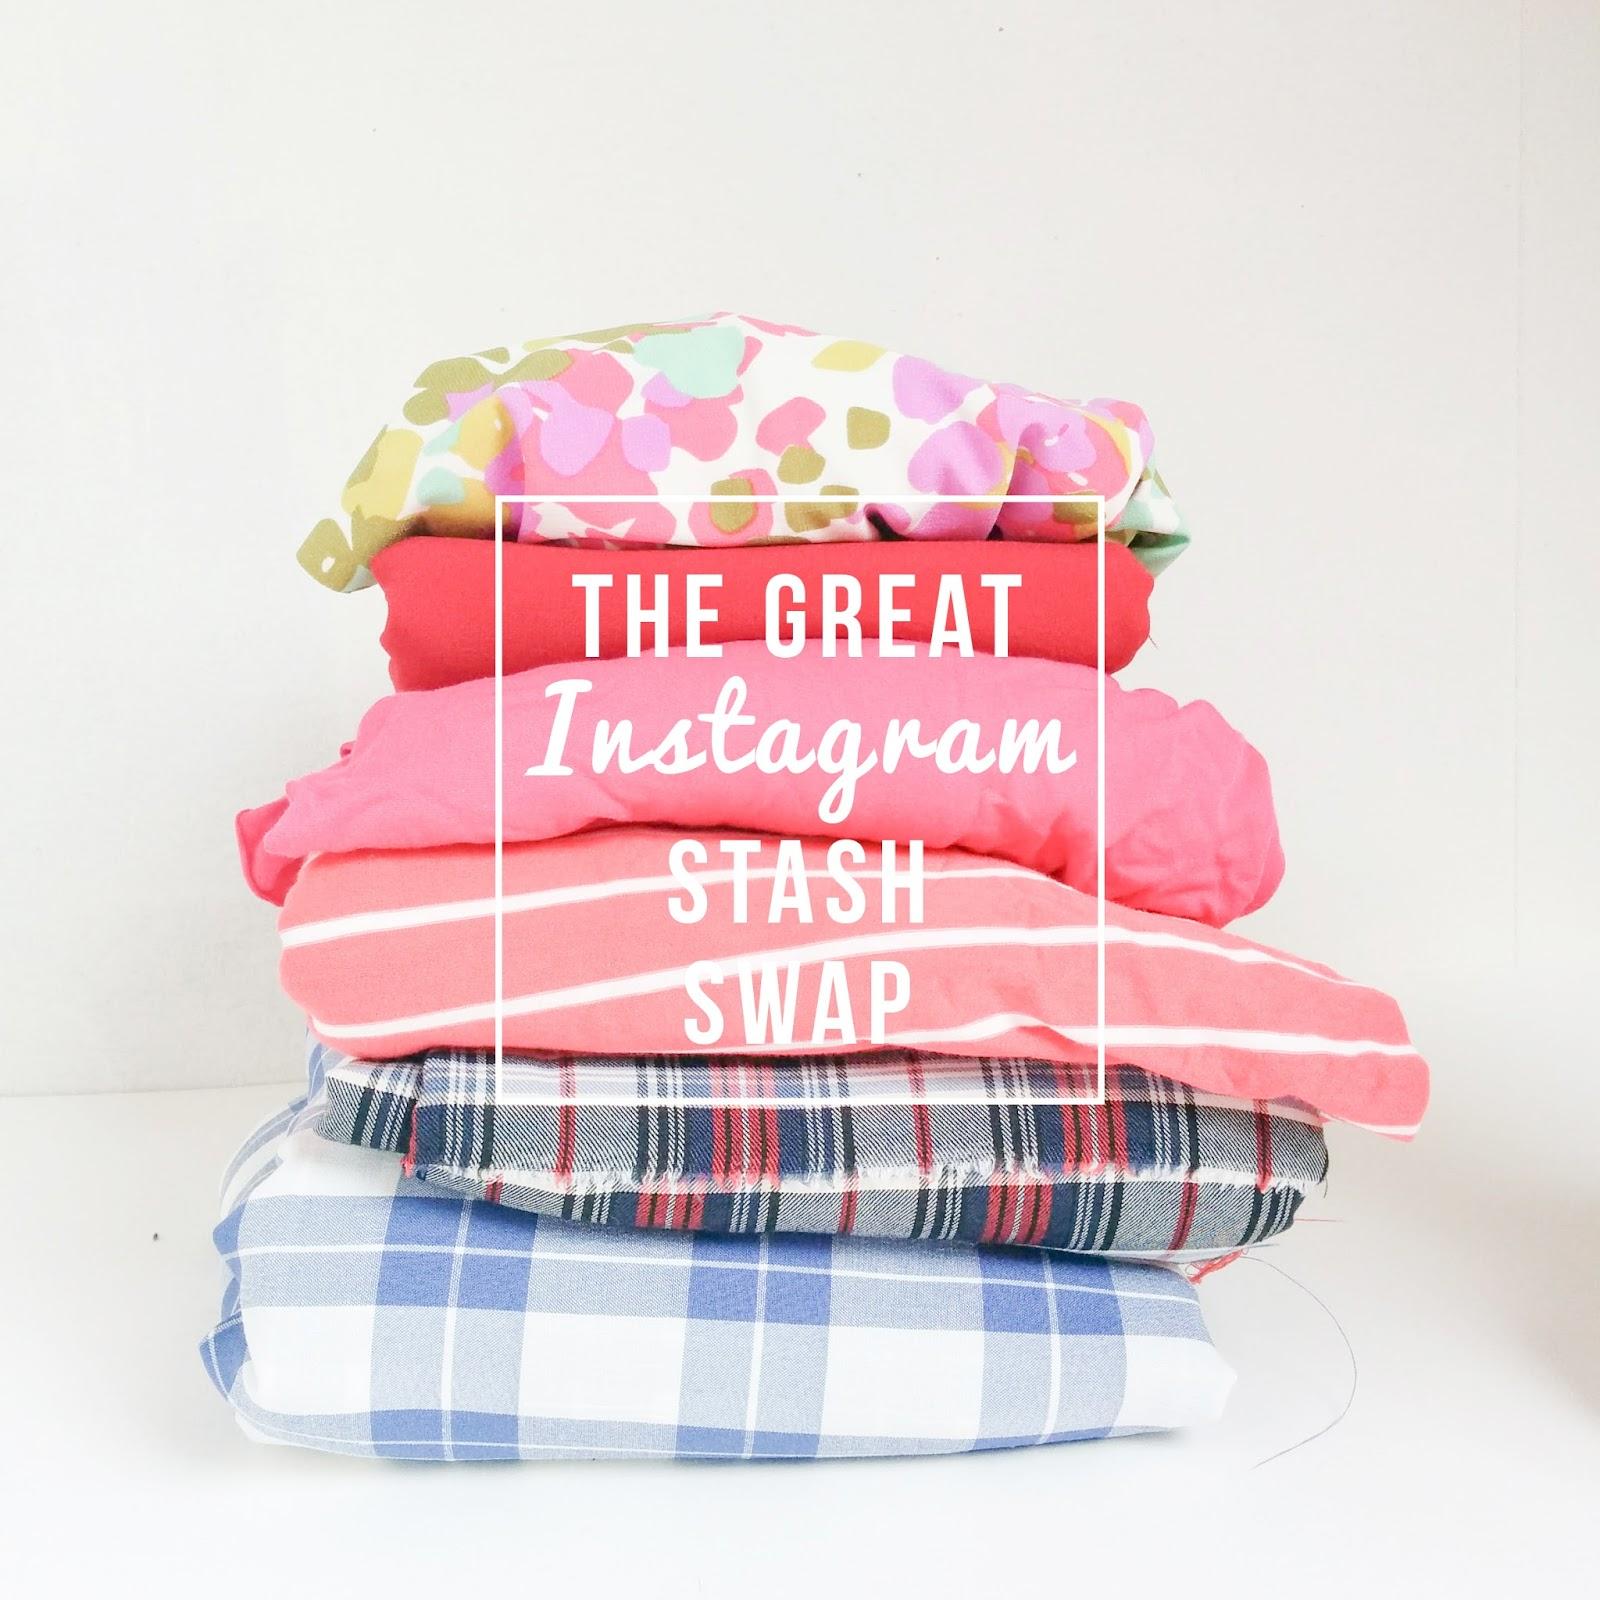 instagram stash swap